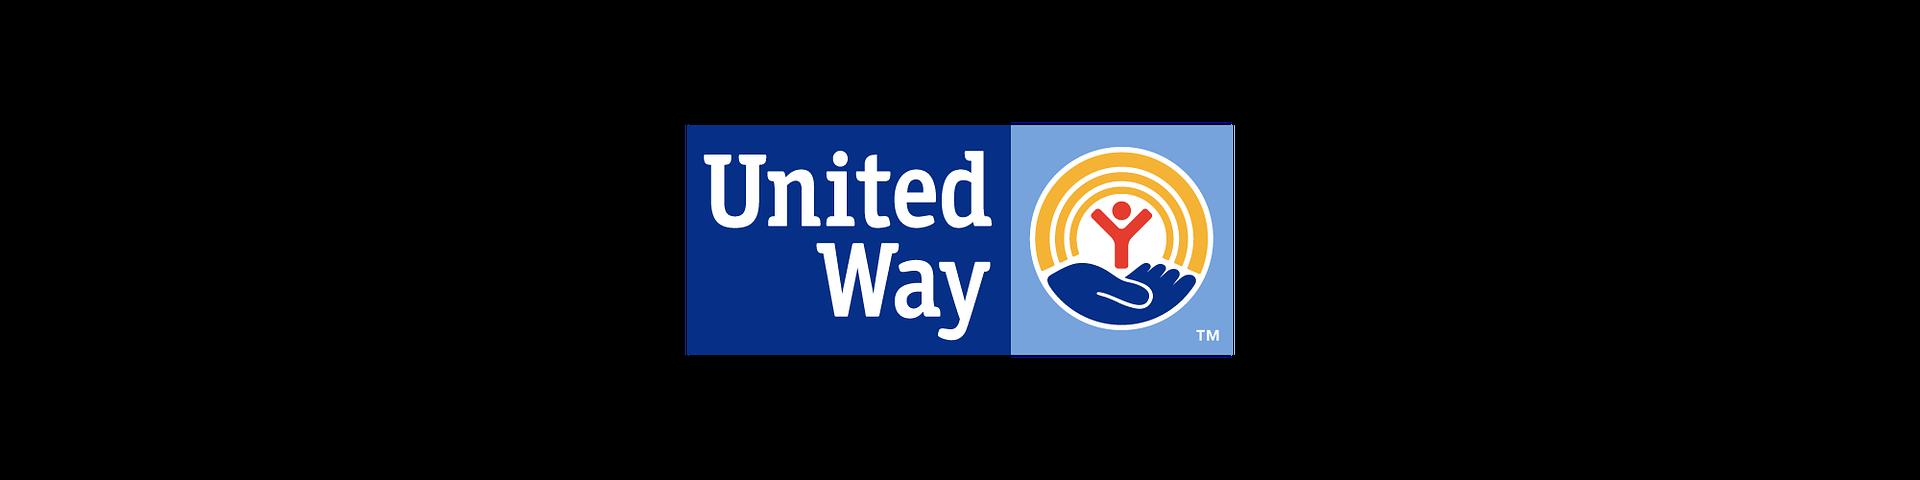 United Way Clarksville